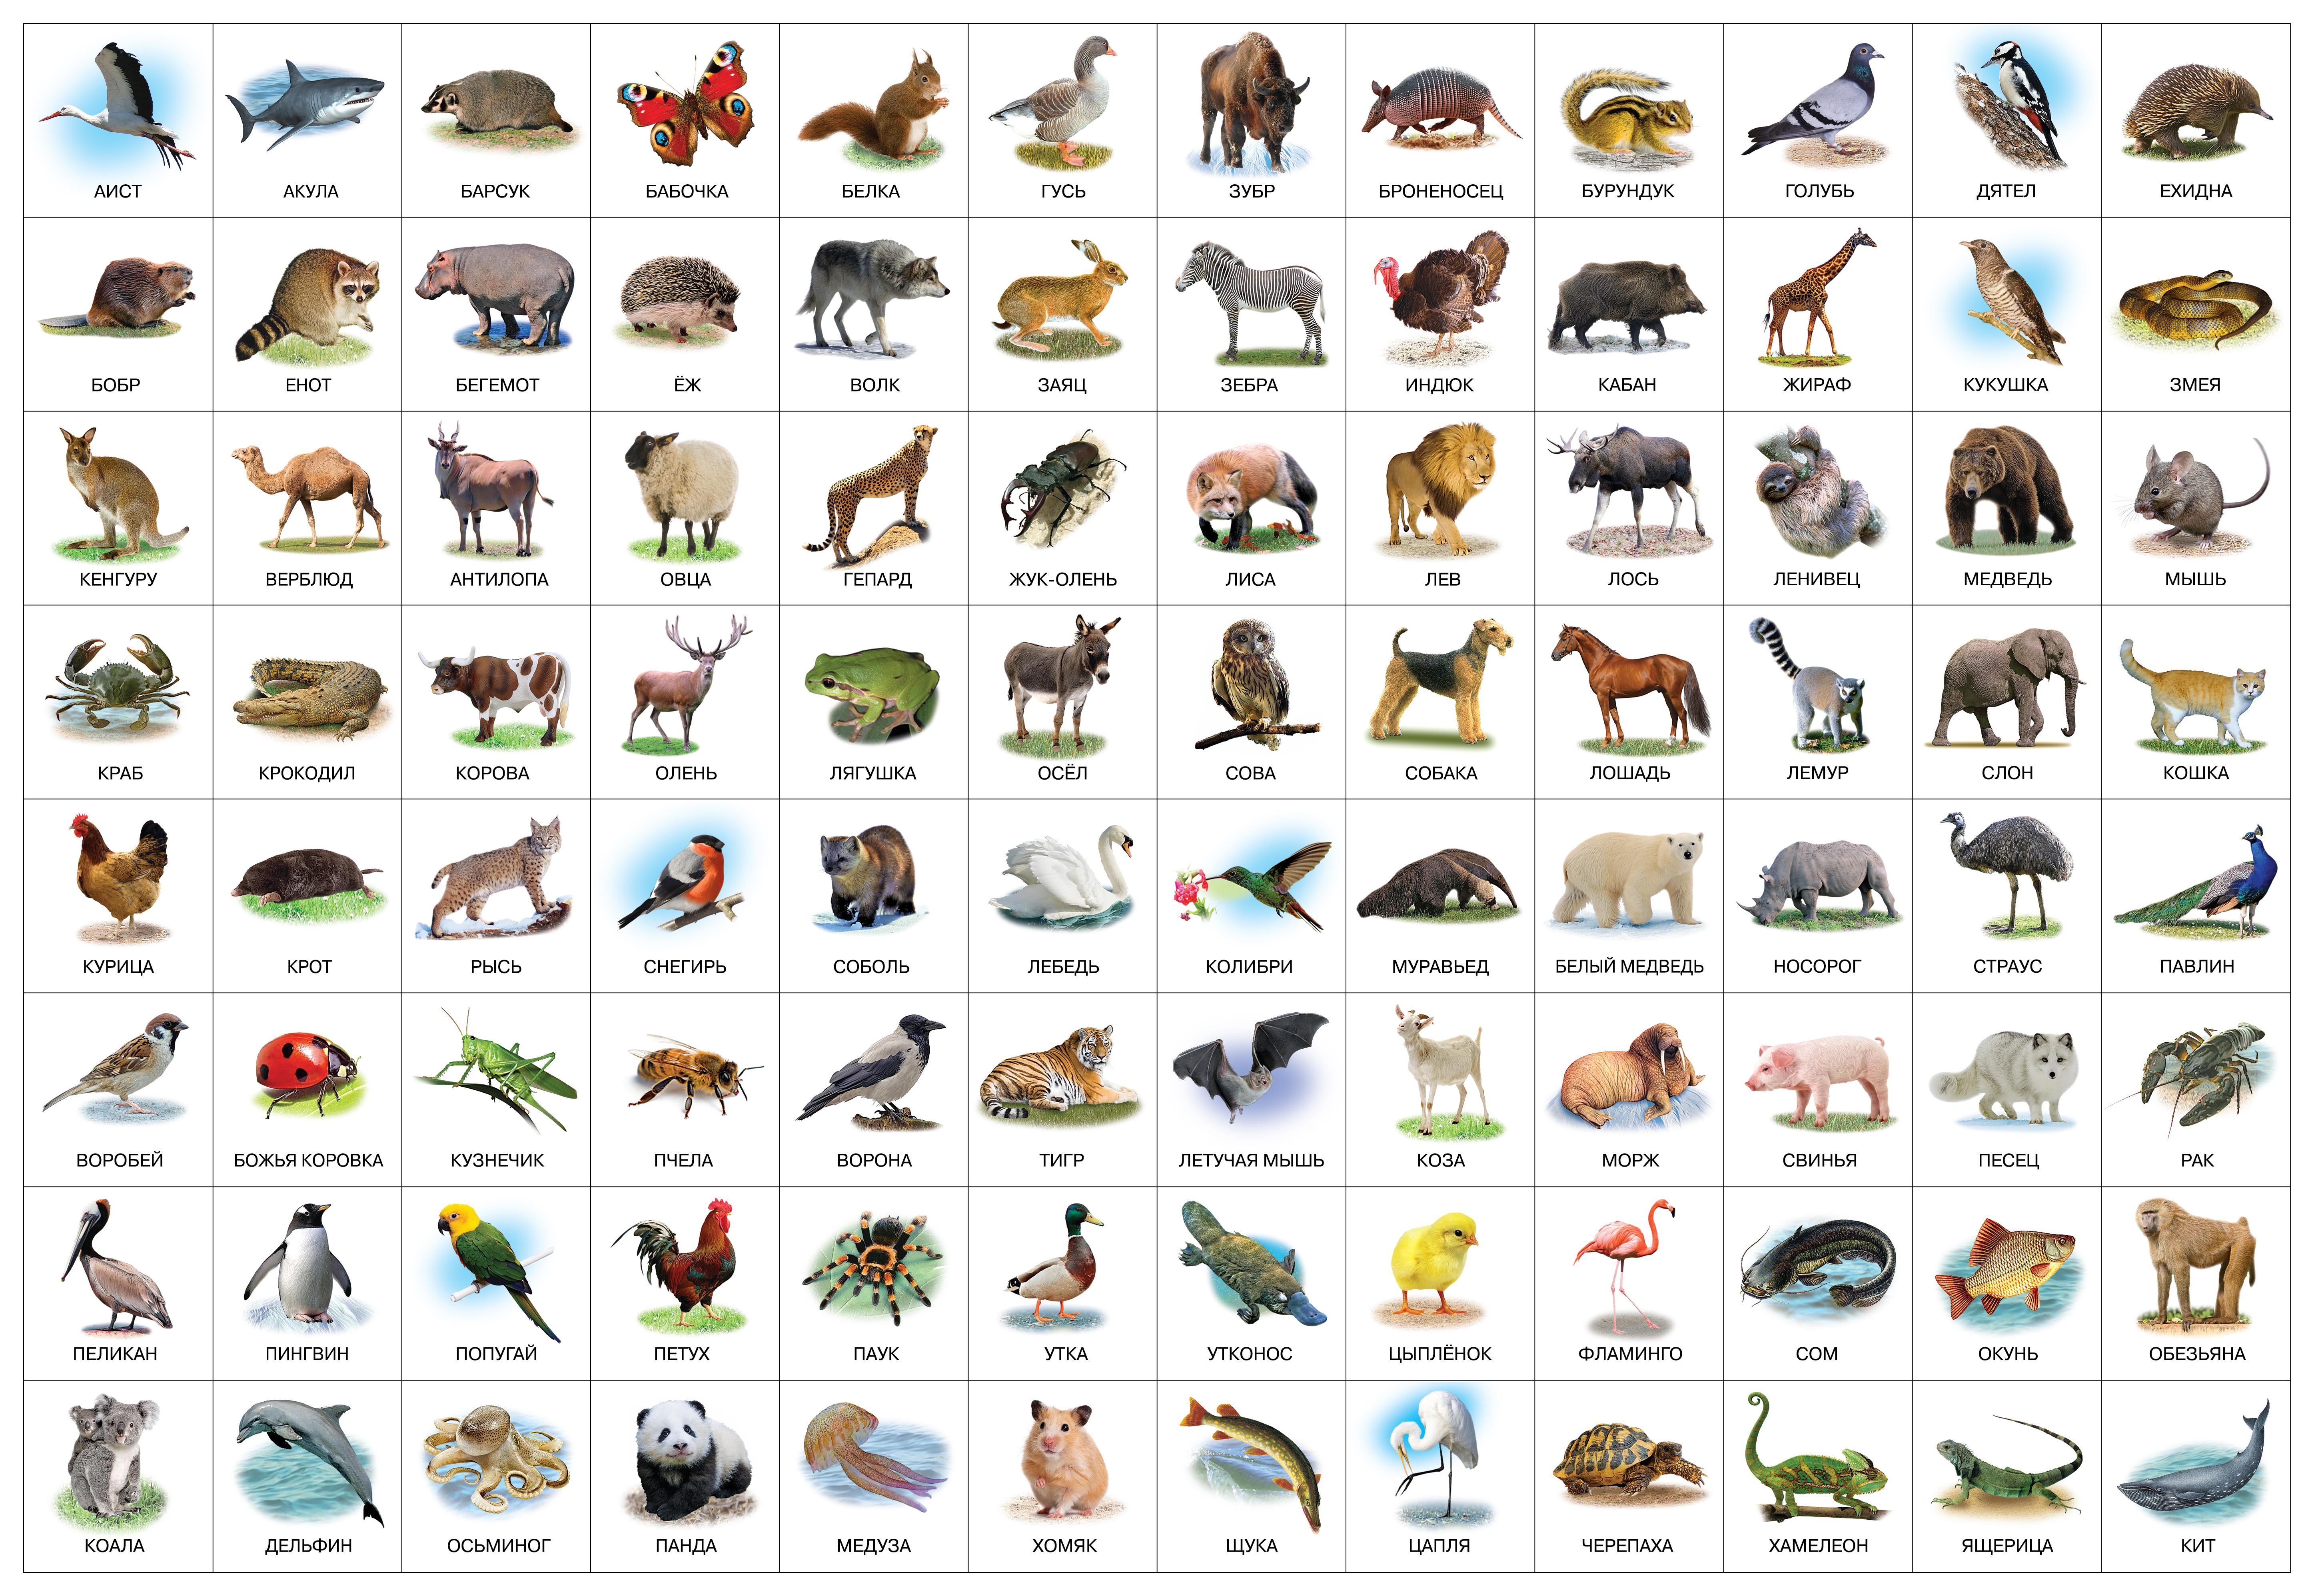 Животные в картинках для детей распечатать, виртуальной